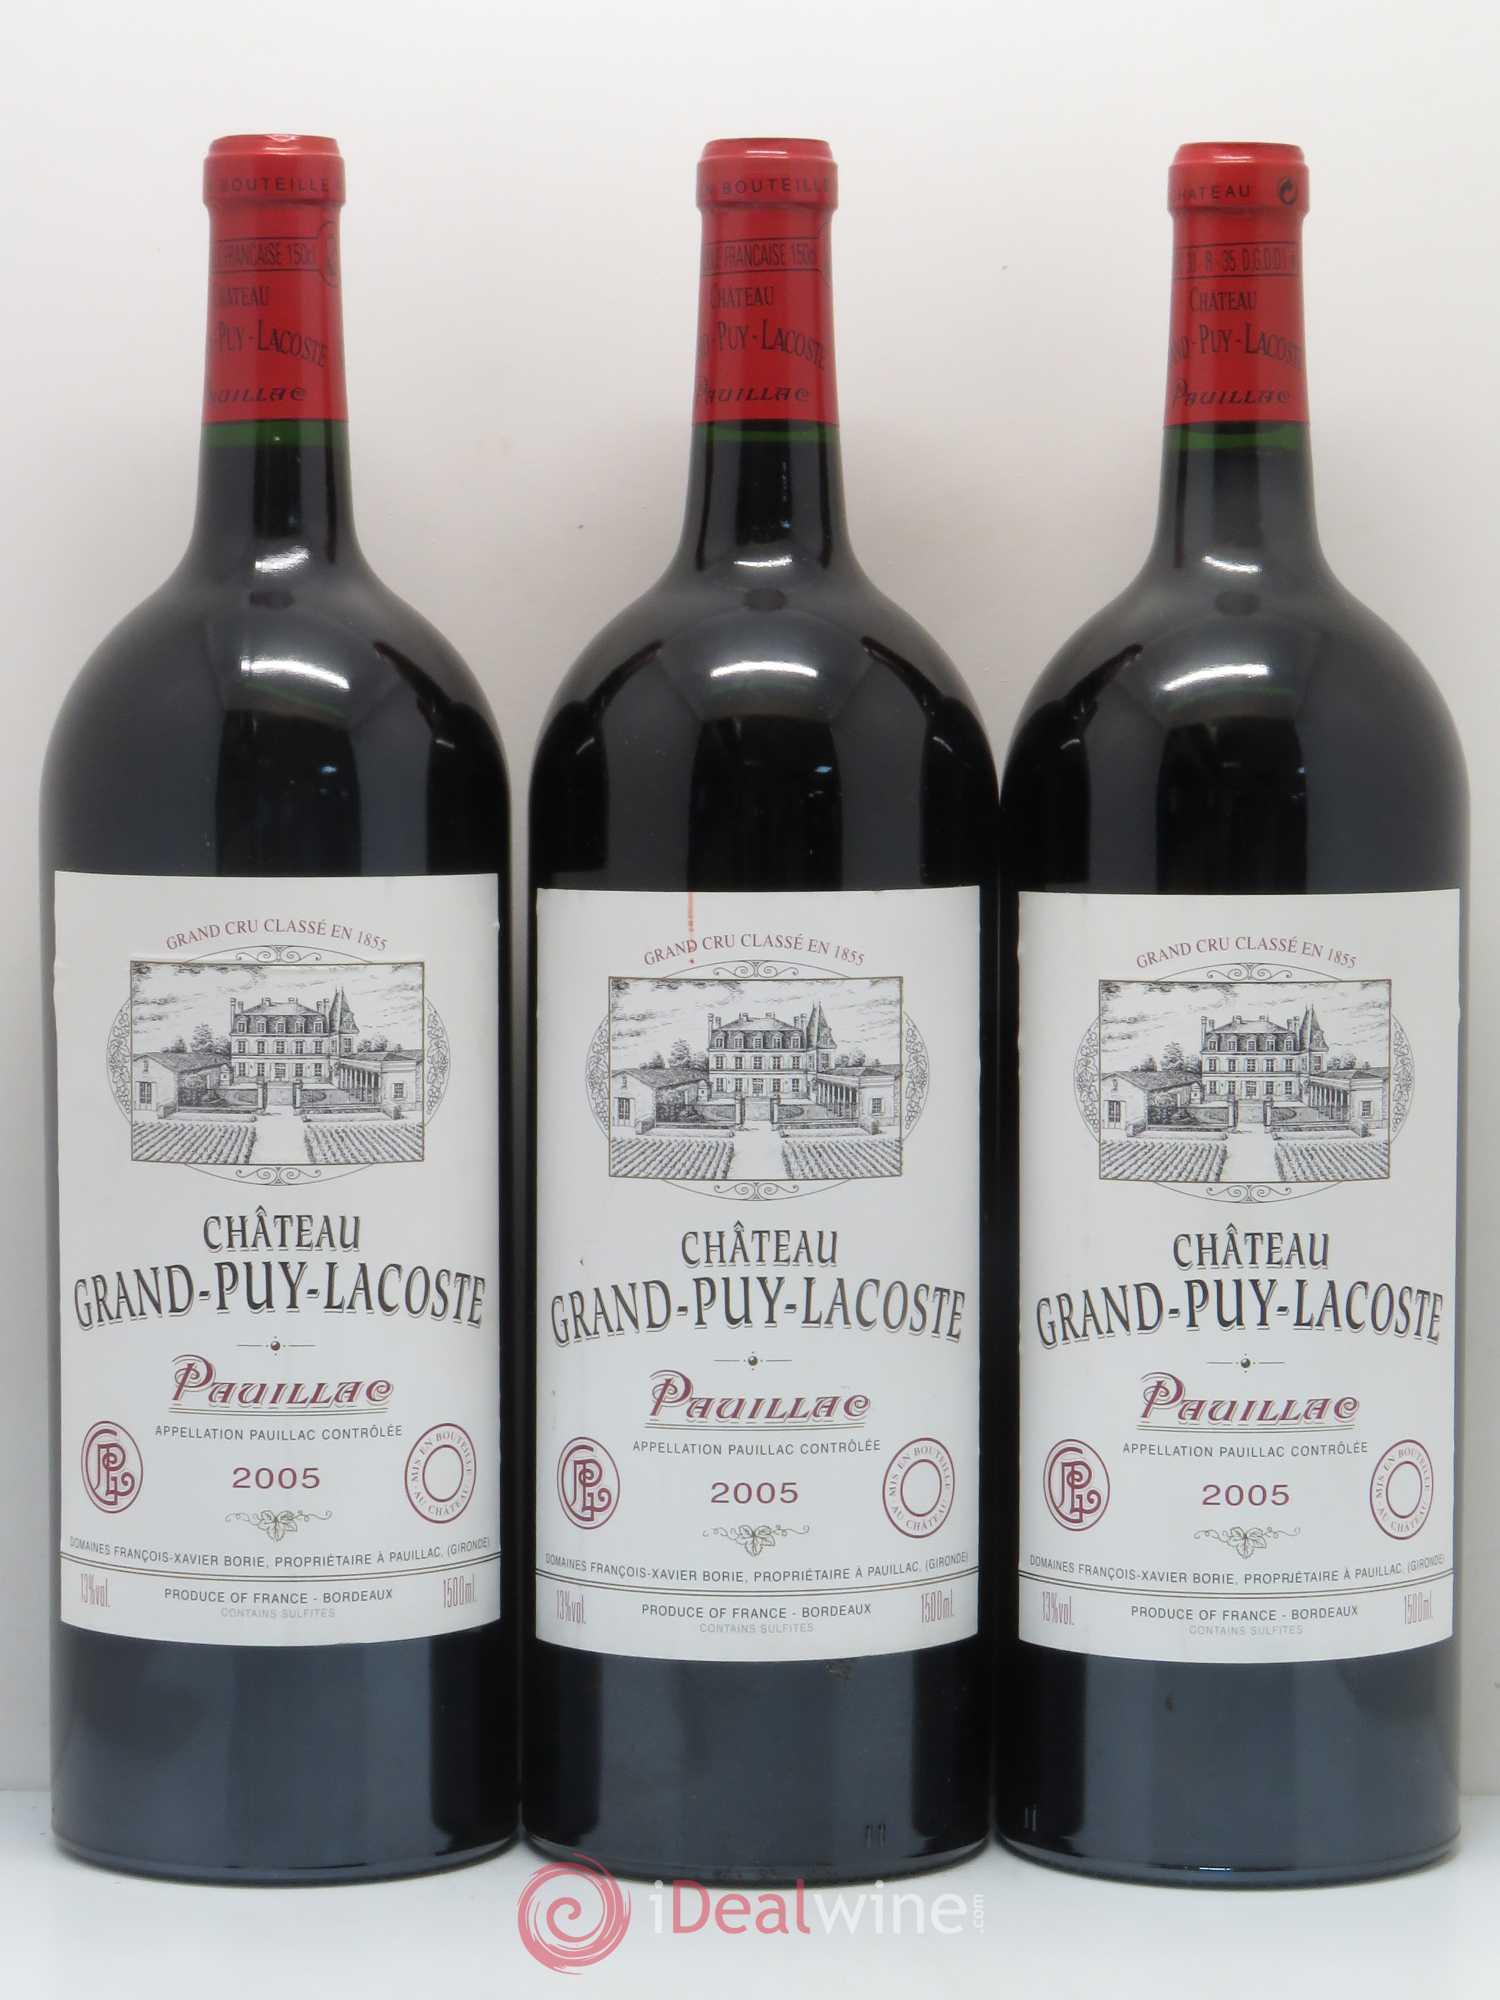 liste des ench res de vins de bordeaux rouge 2010 2009. Black Bedroom Furniture Sets. Home Design Ideas